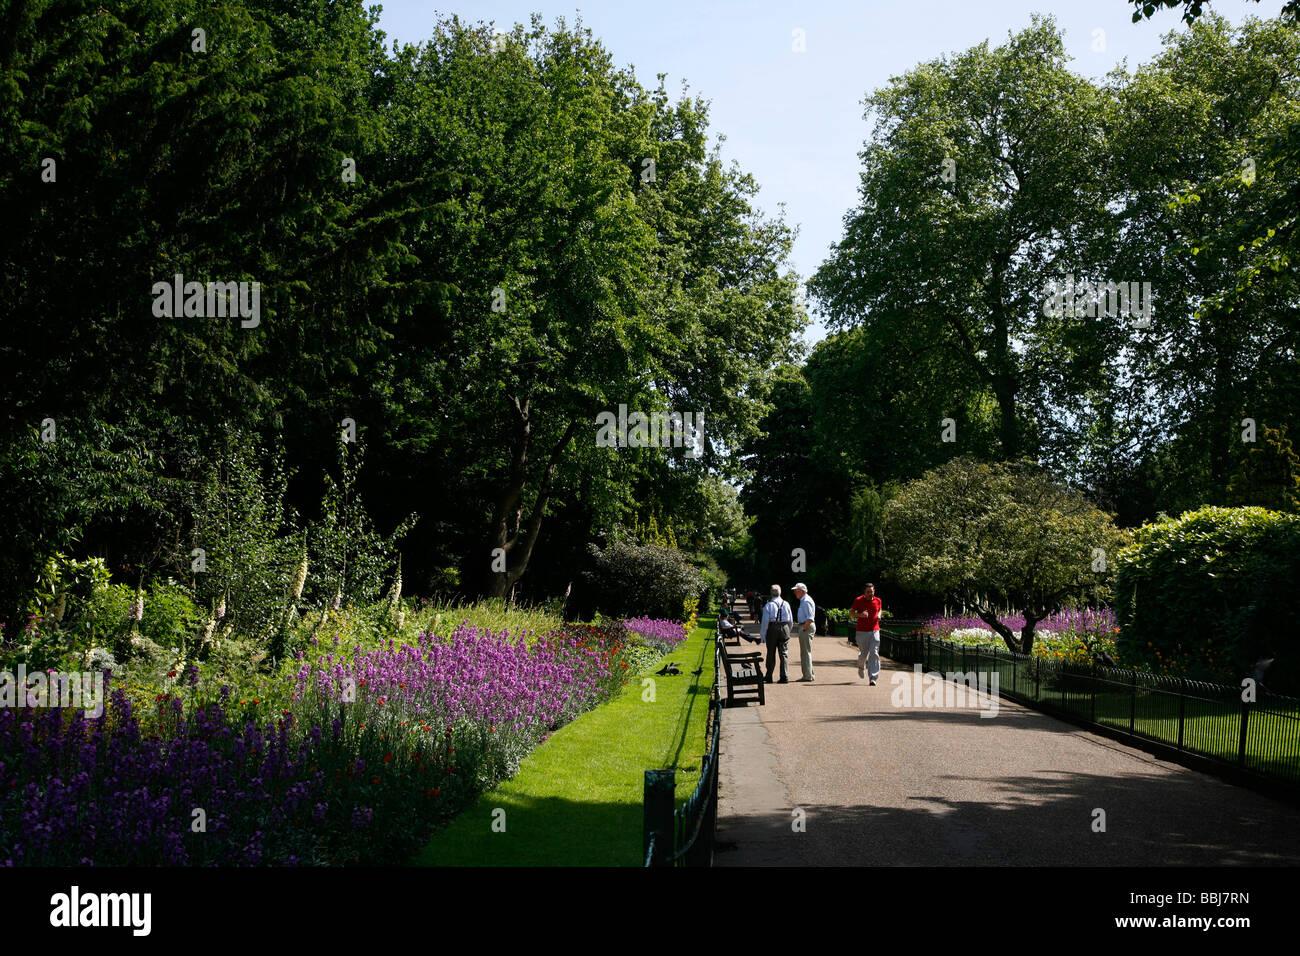 Garden Walk London: Flower Walk In Kensington Gardens, London, UK Stock Photo